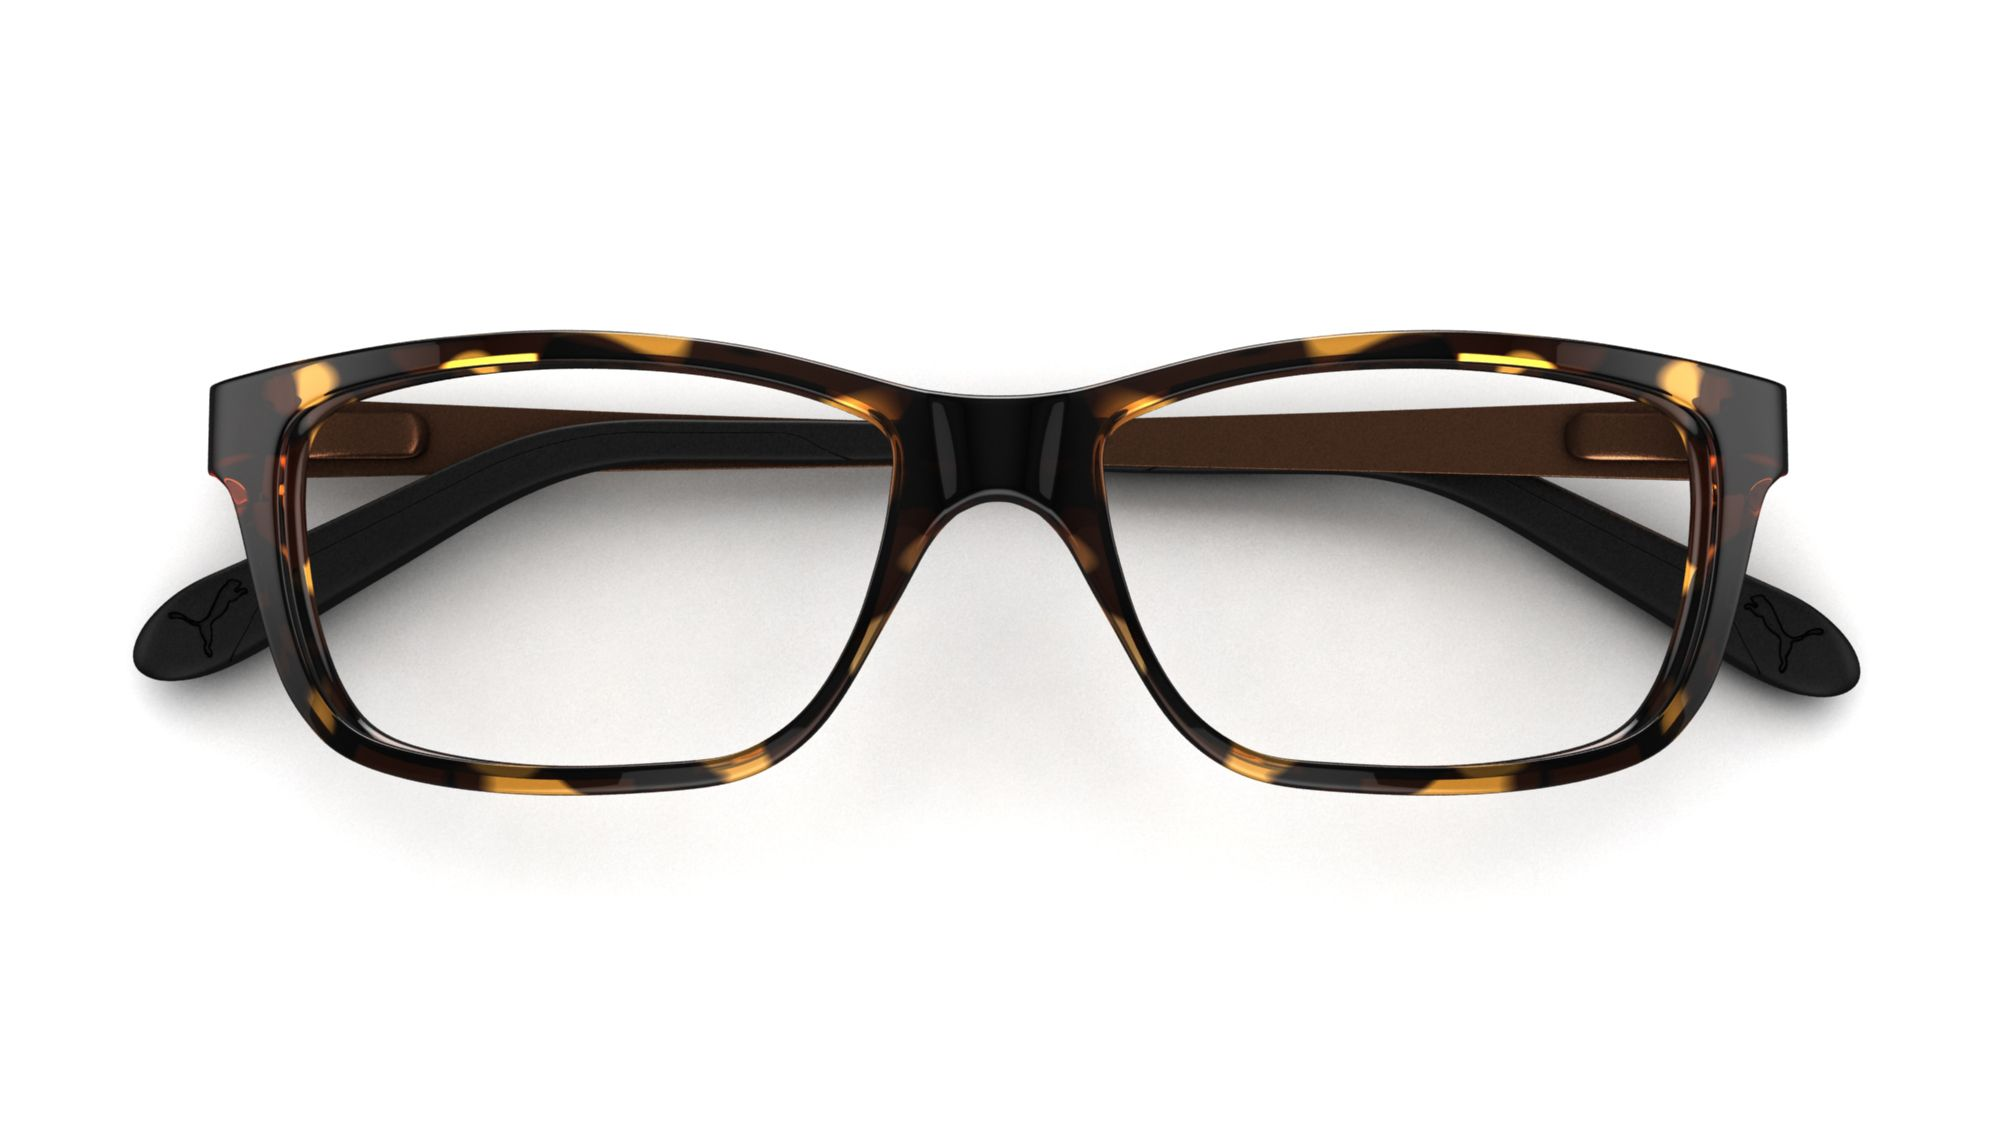 f49503d472d5 PUMA glasses - PUMA 05 Puma Mens